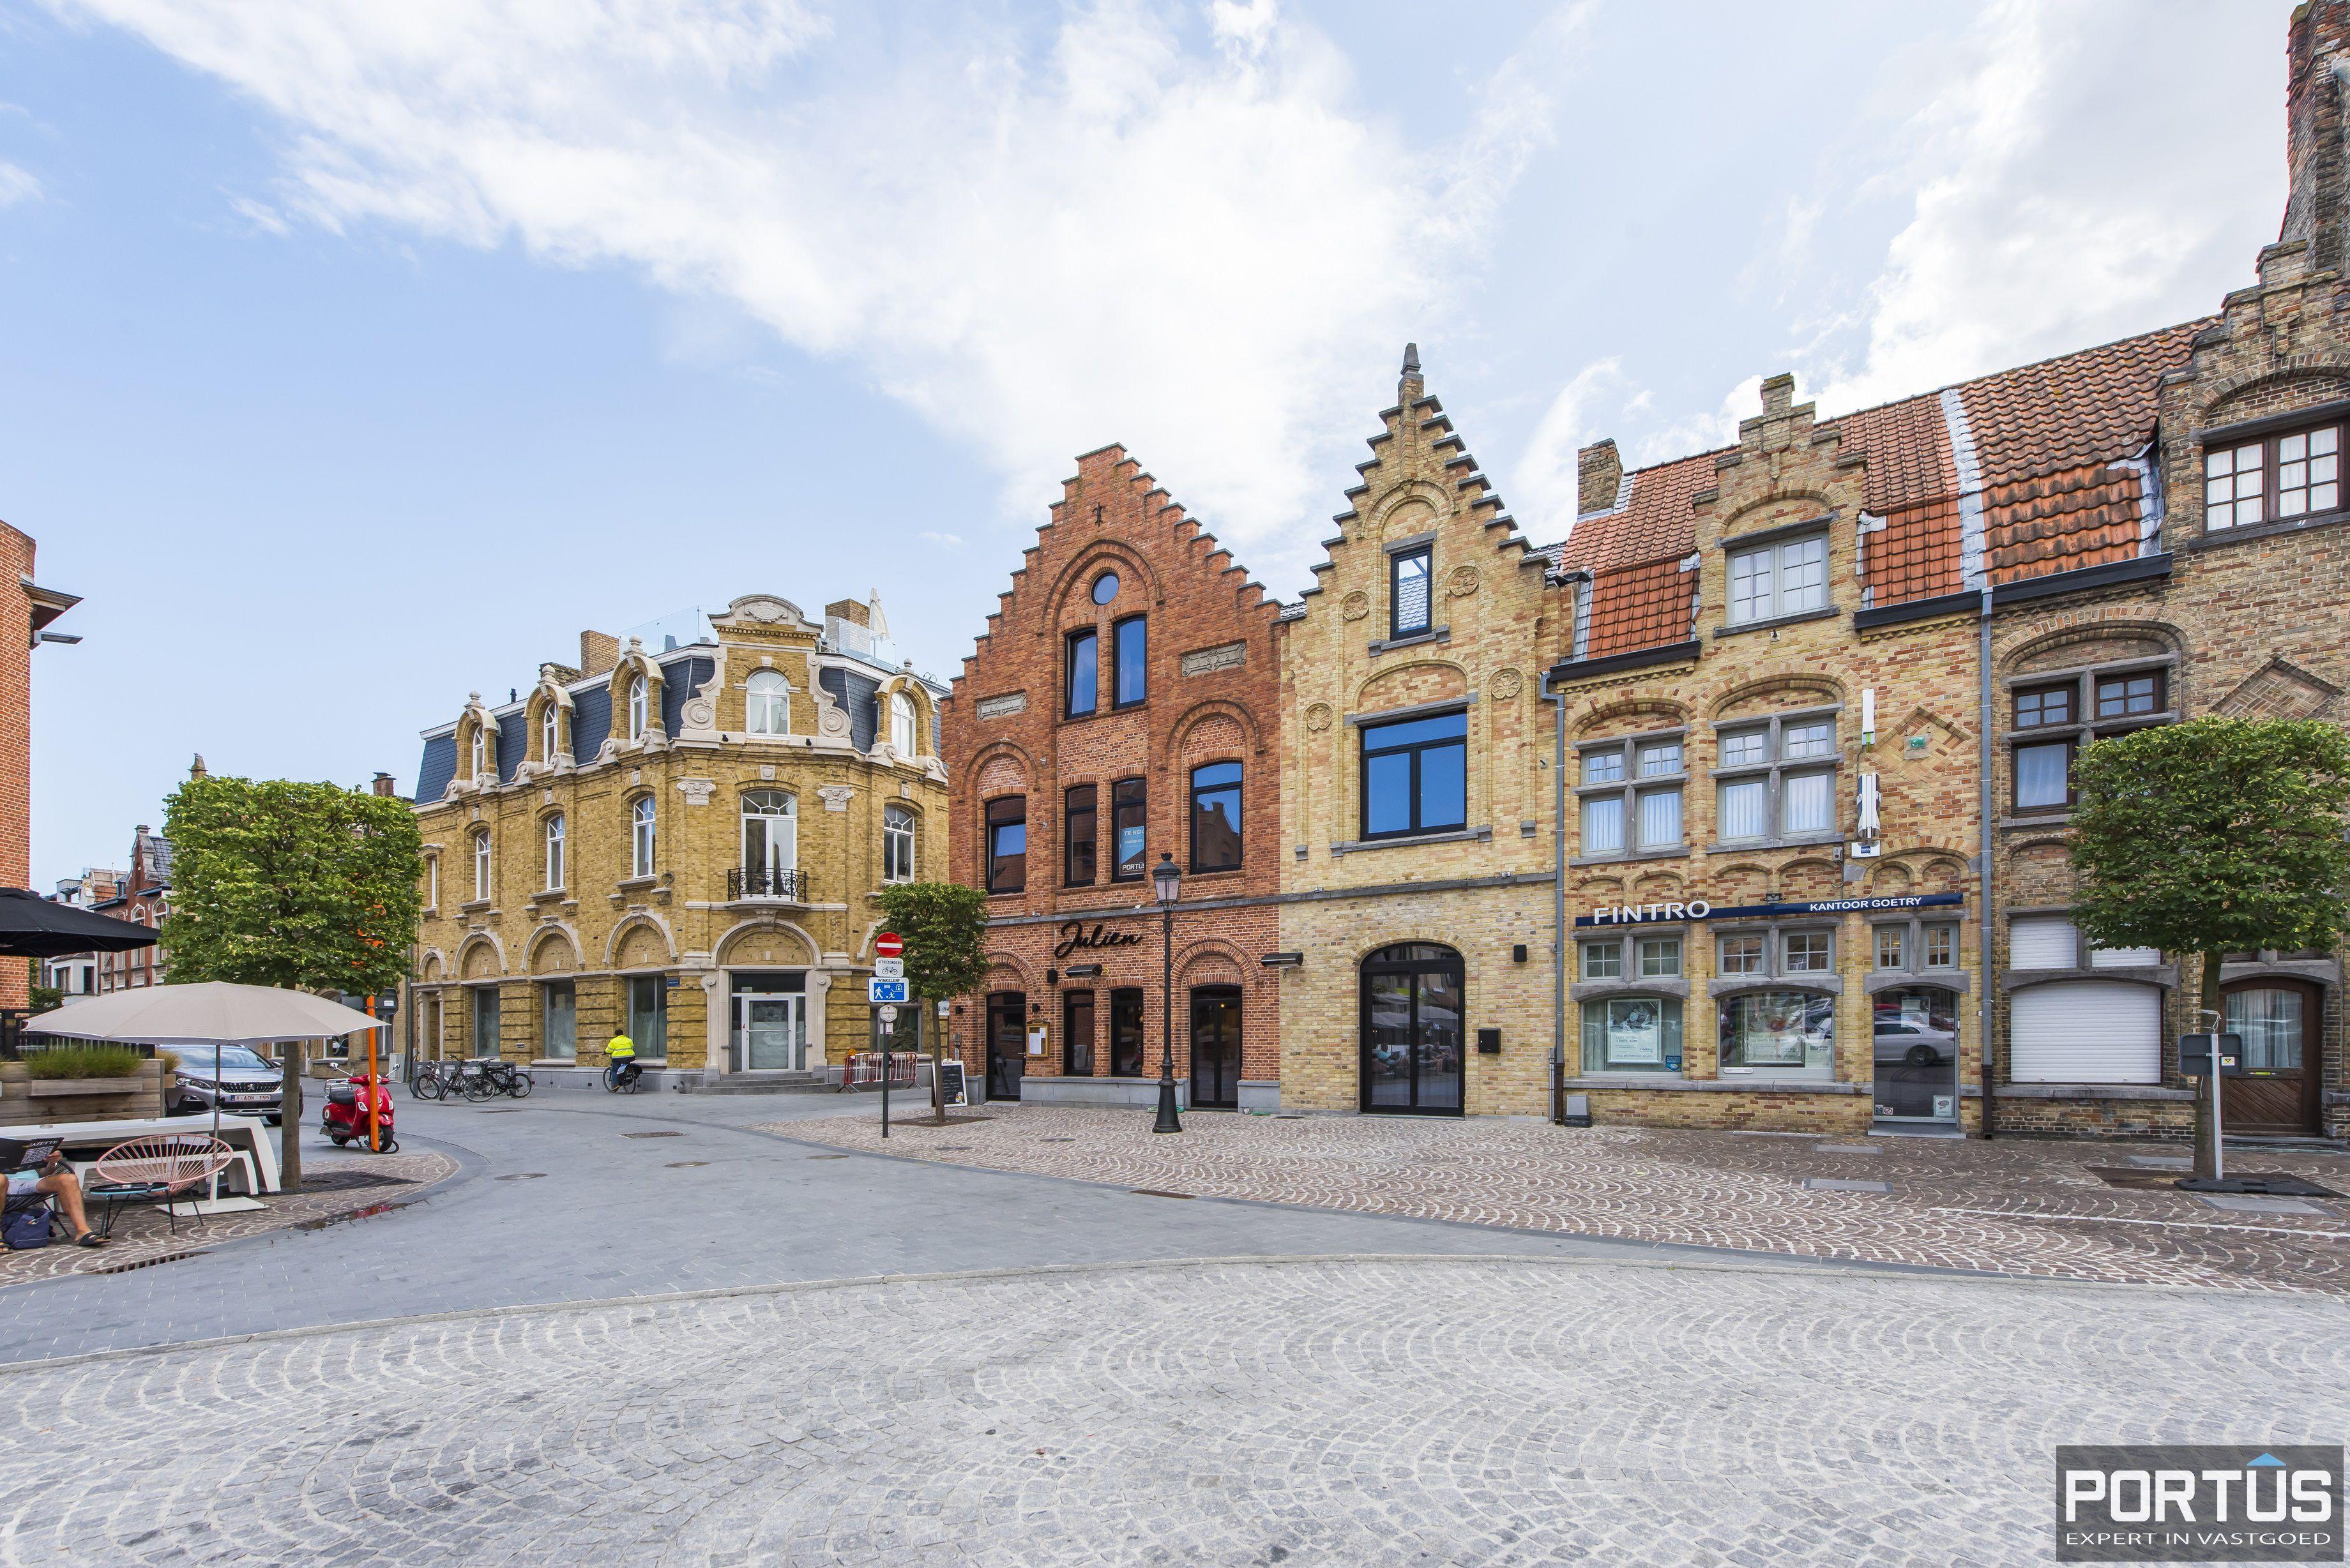 Appartement 3 slaapkamers te koop Marktplein Nieuwpoort - 9929